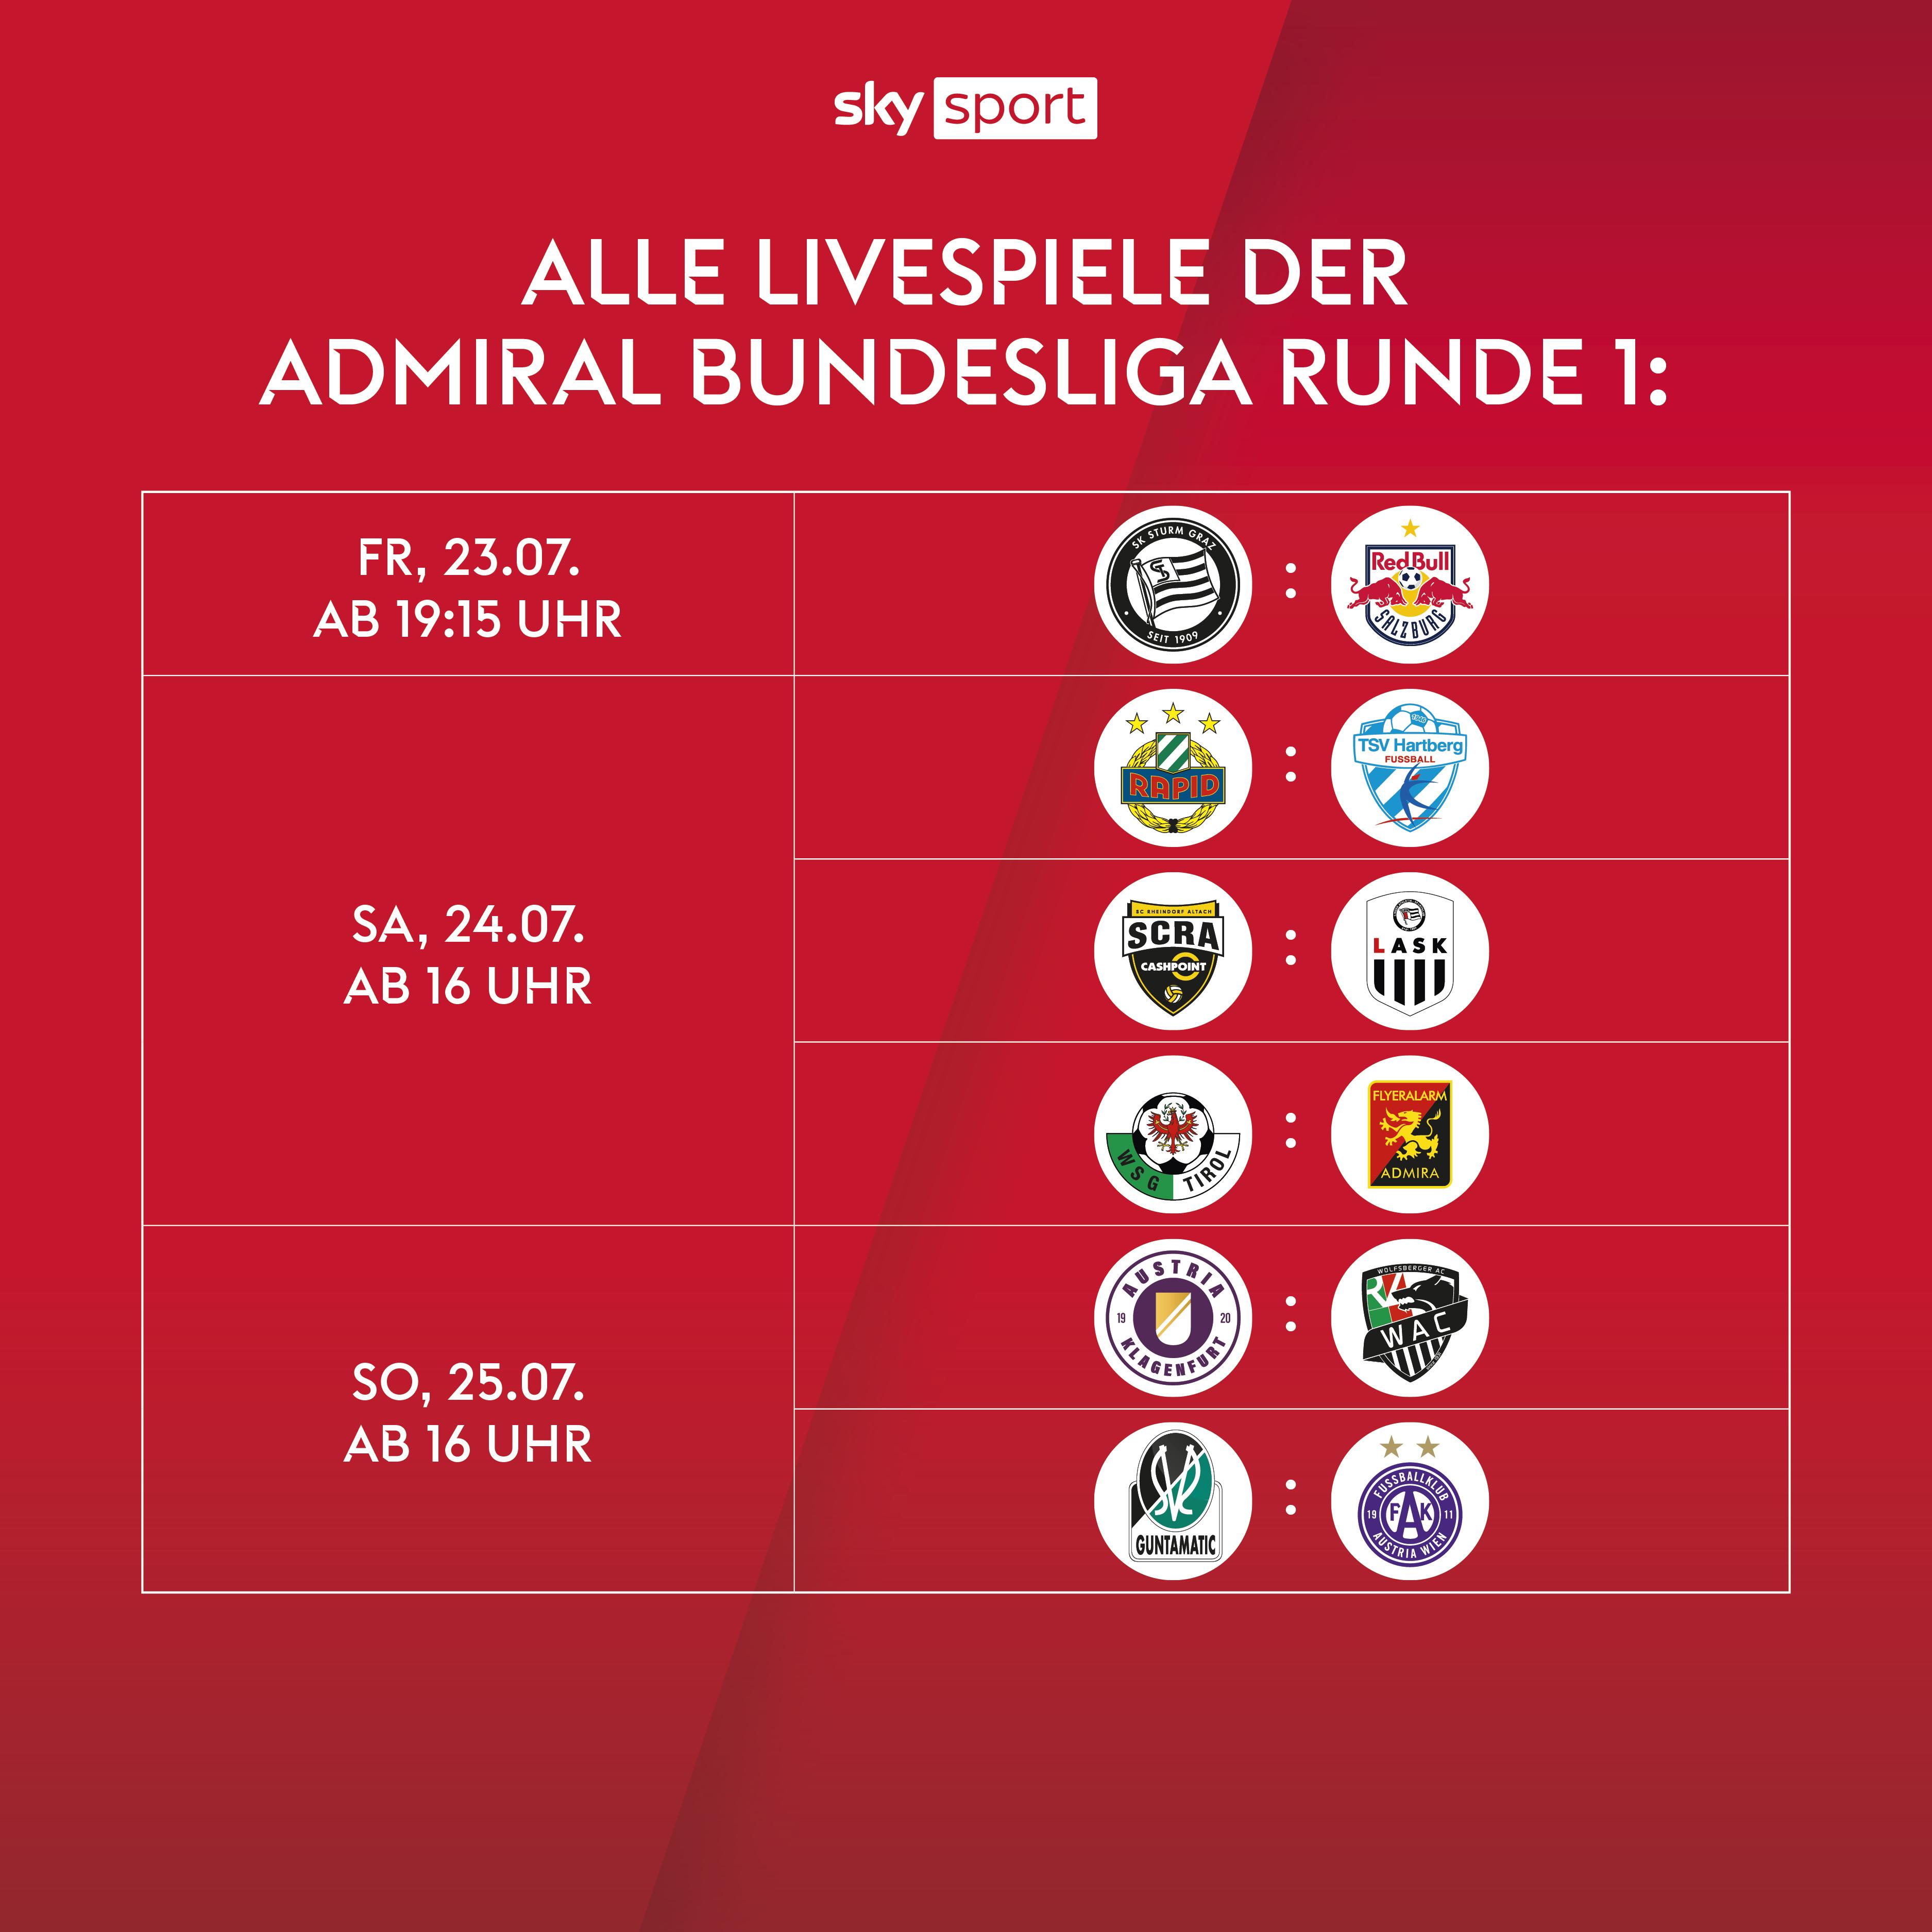 Die ADMIRAL Bundesliga live streamen mit Sky X